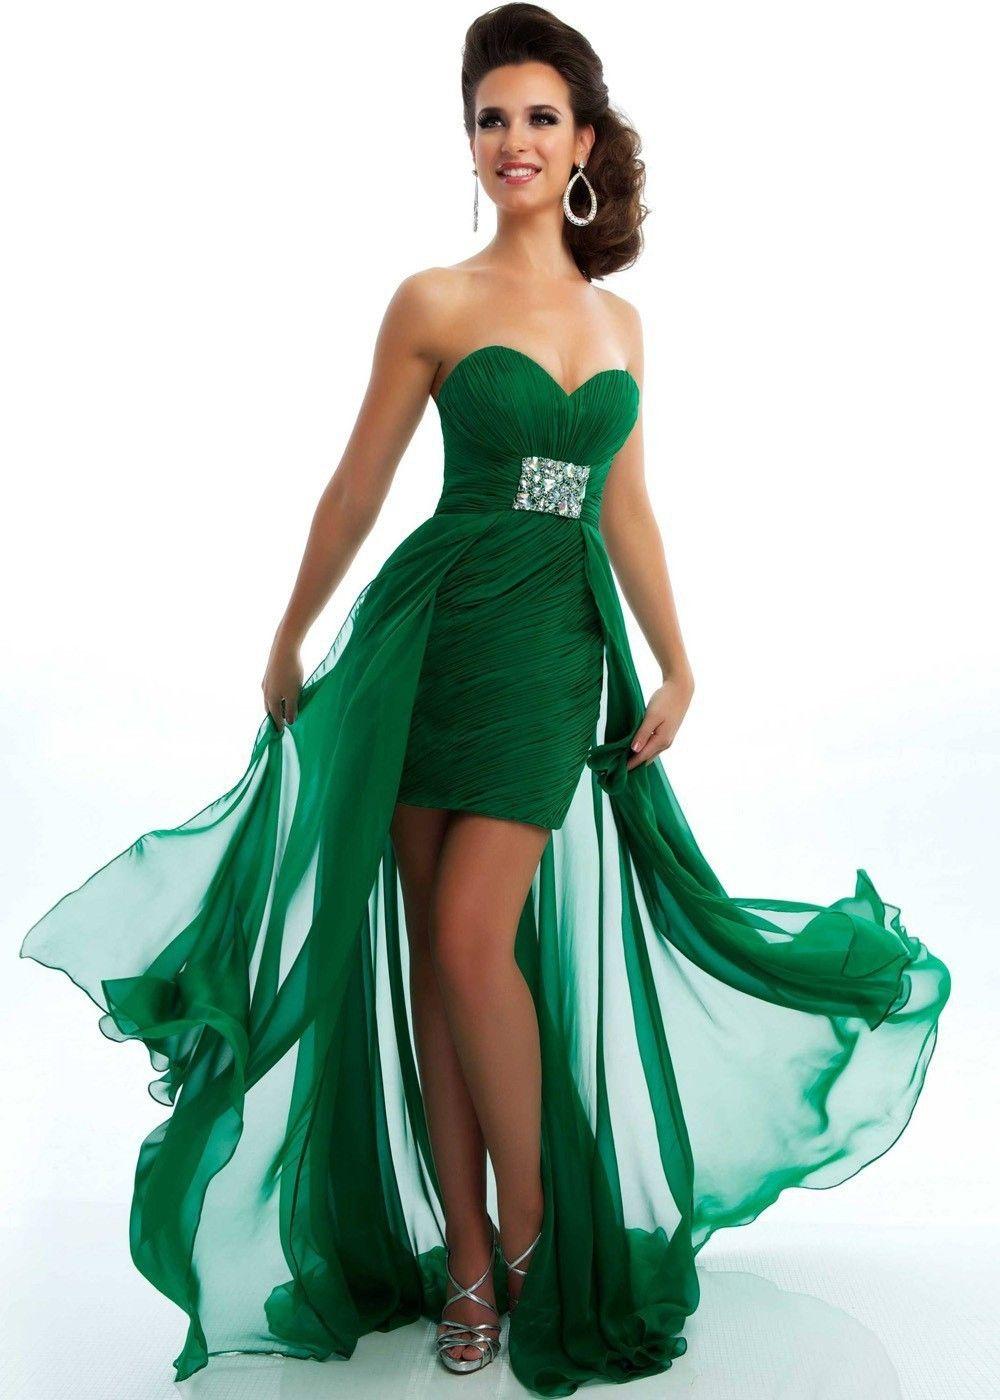 Donde comprar vestidos de fiesta en dallas tx